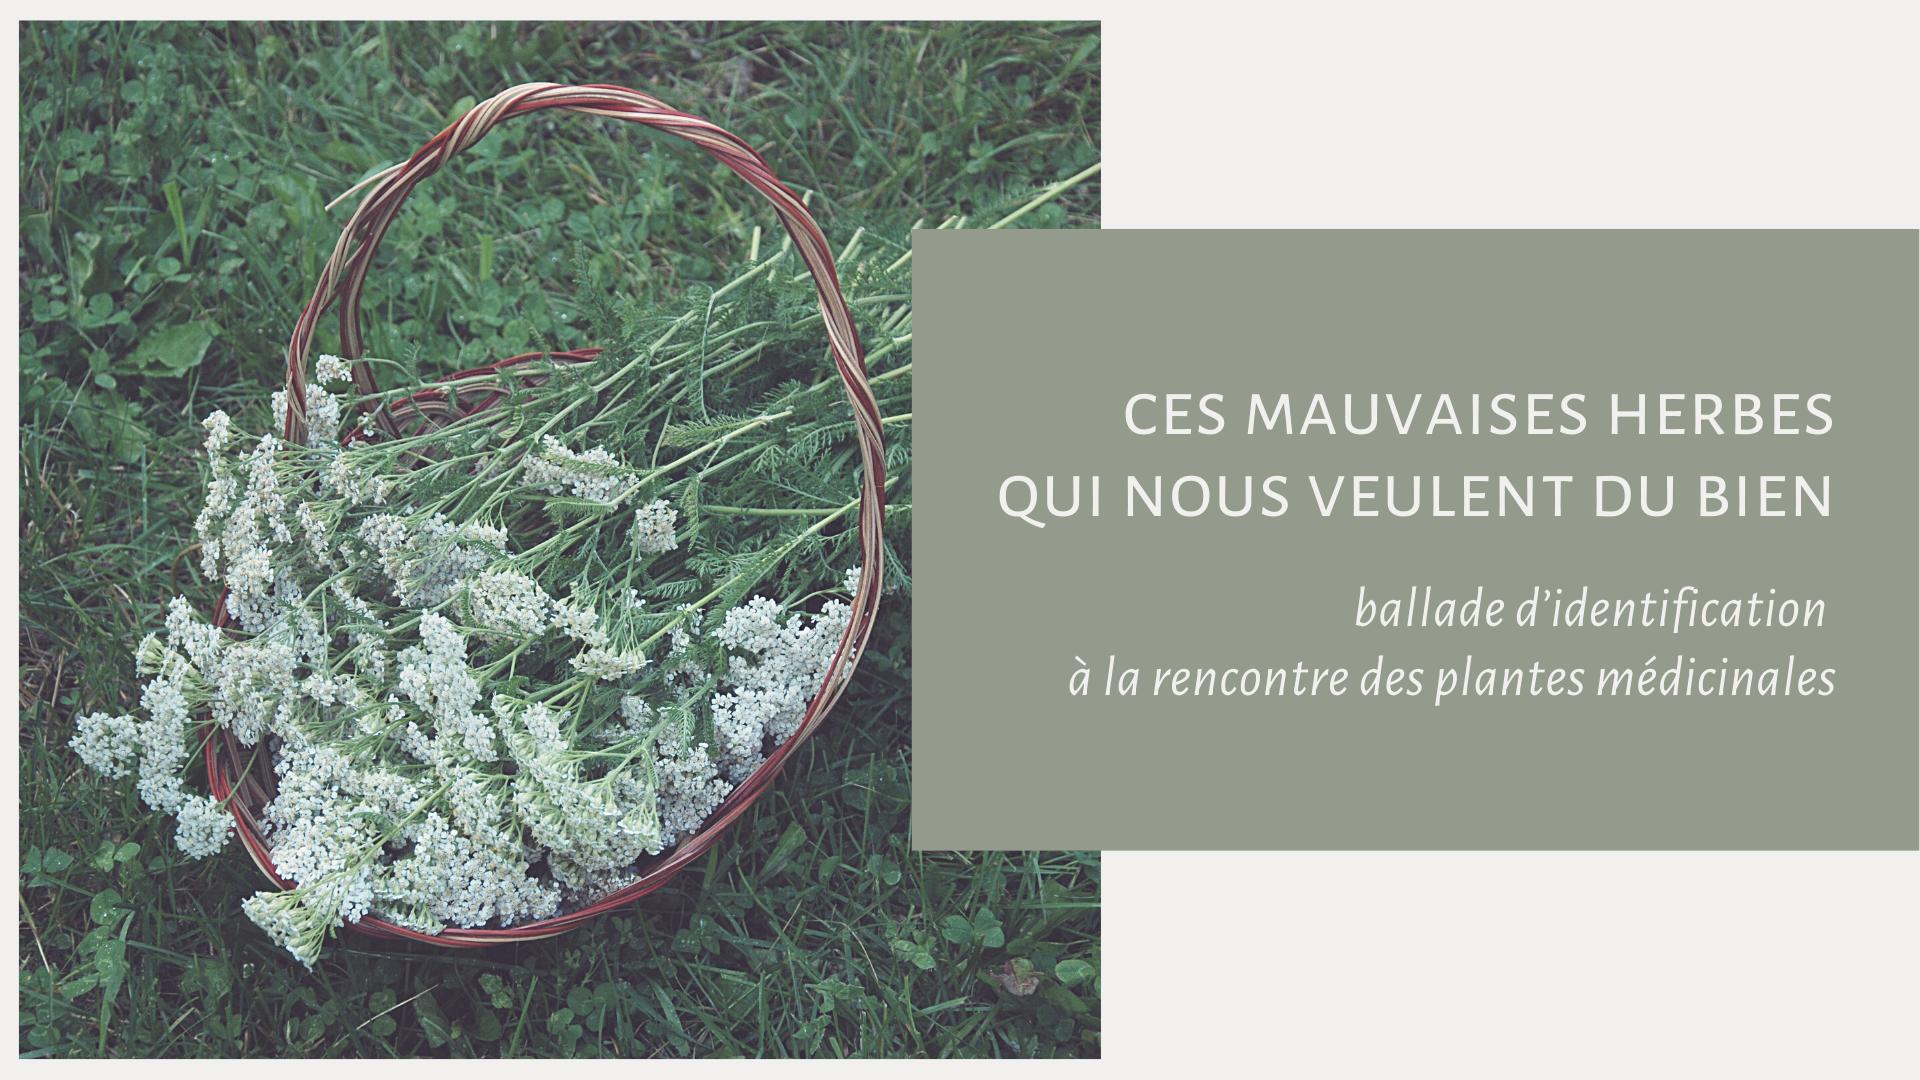 Ces Mauvaises Herbes Qui Nous Veulent Du Bien : Ballade D'identification à La Rencontre Des Plantes Médicinales